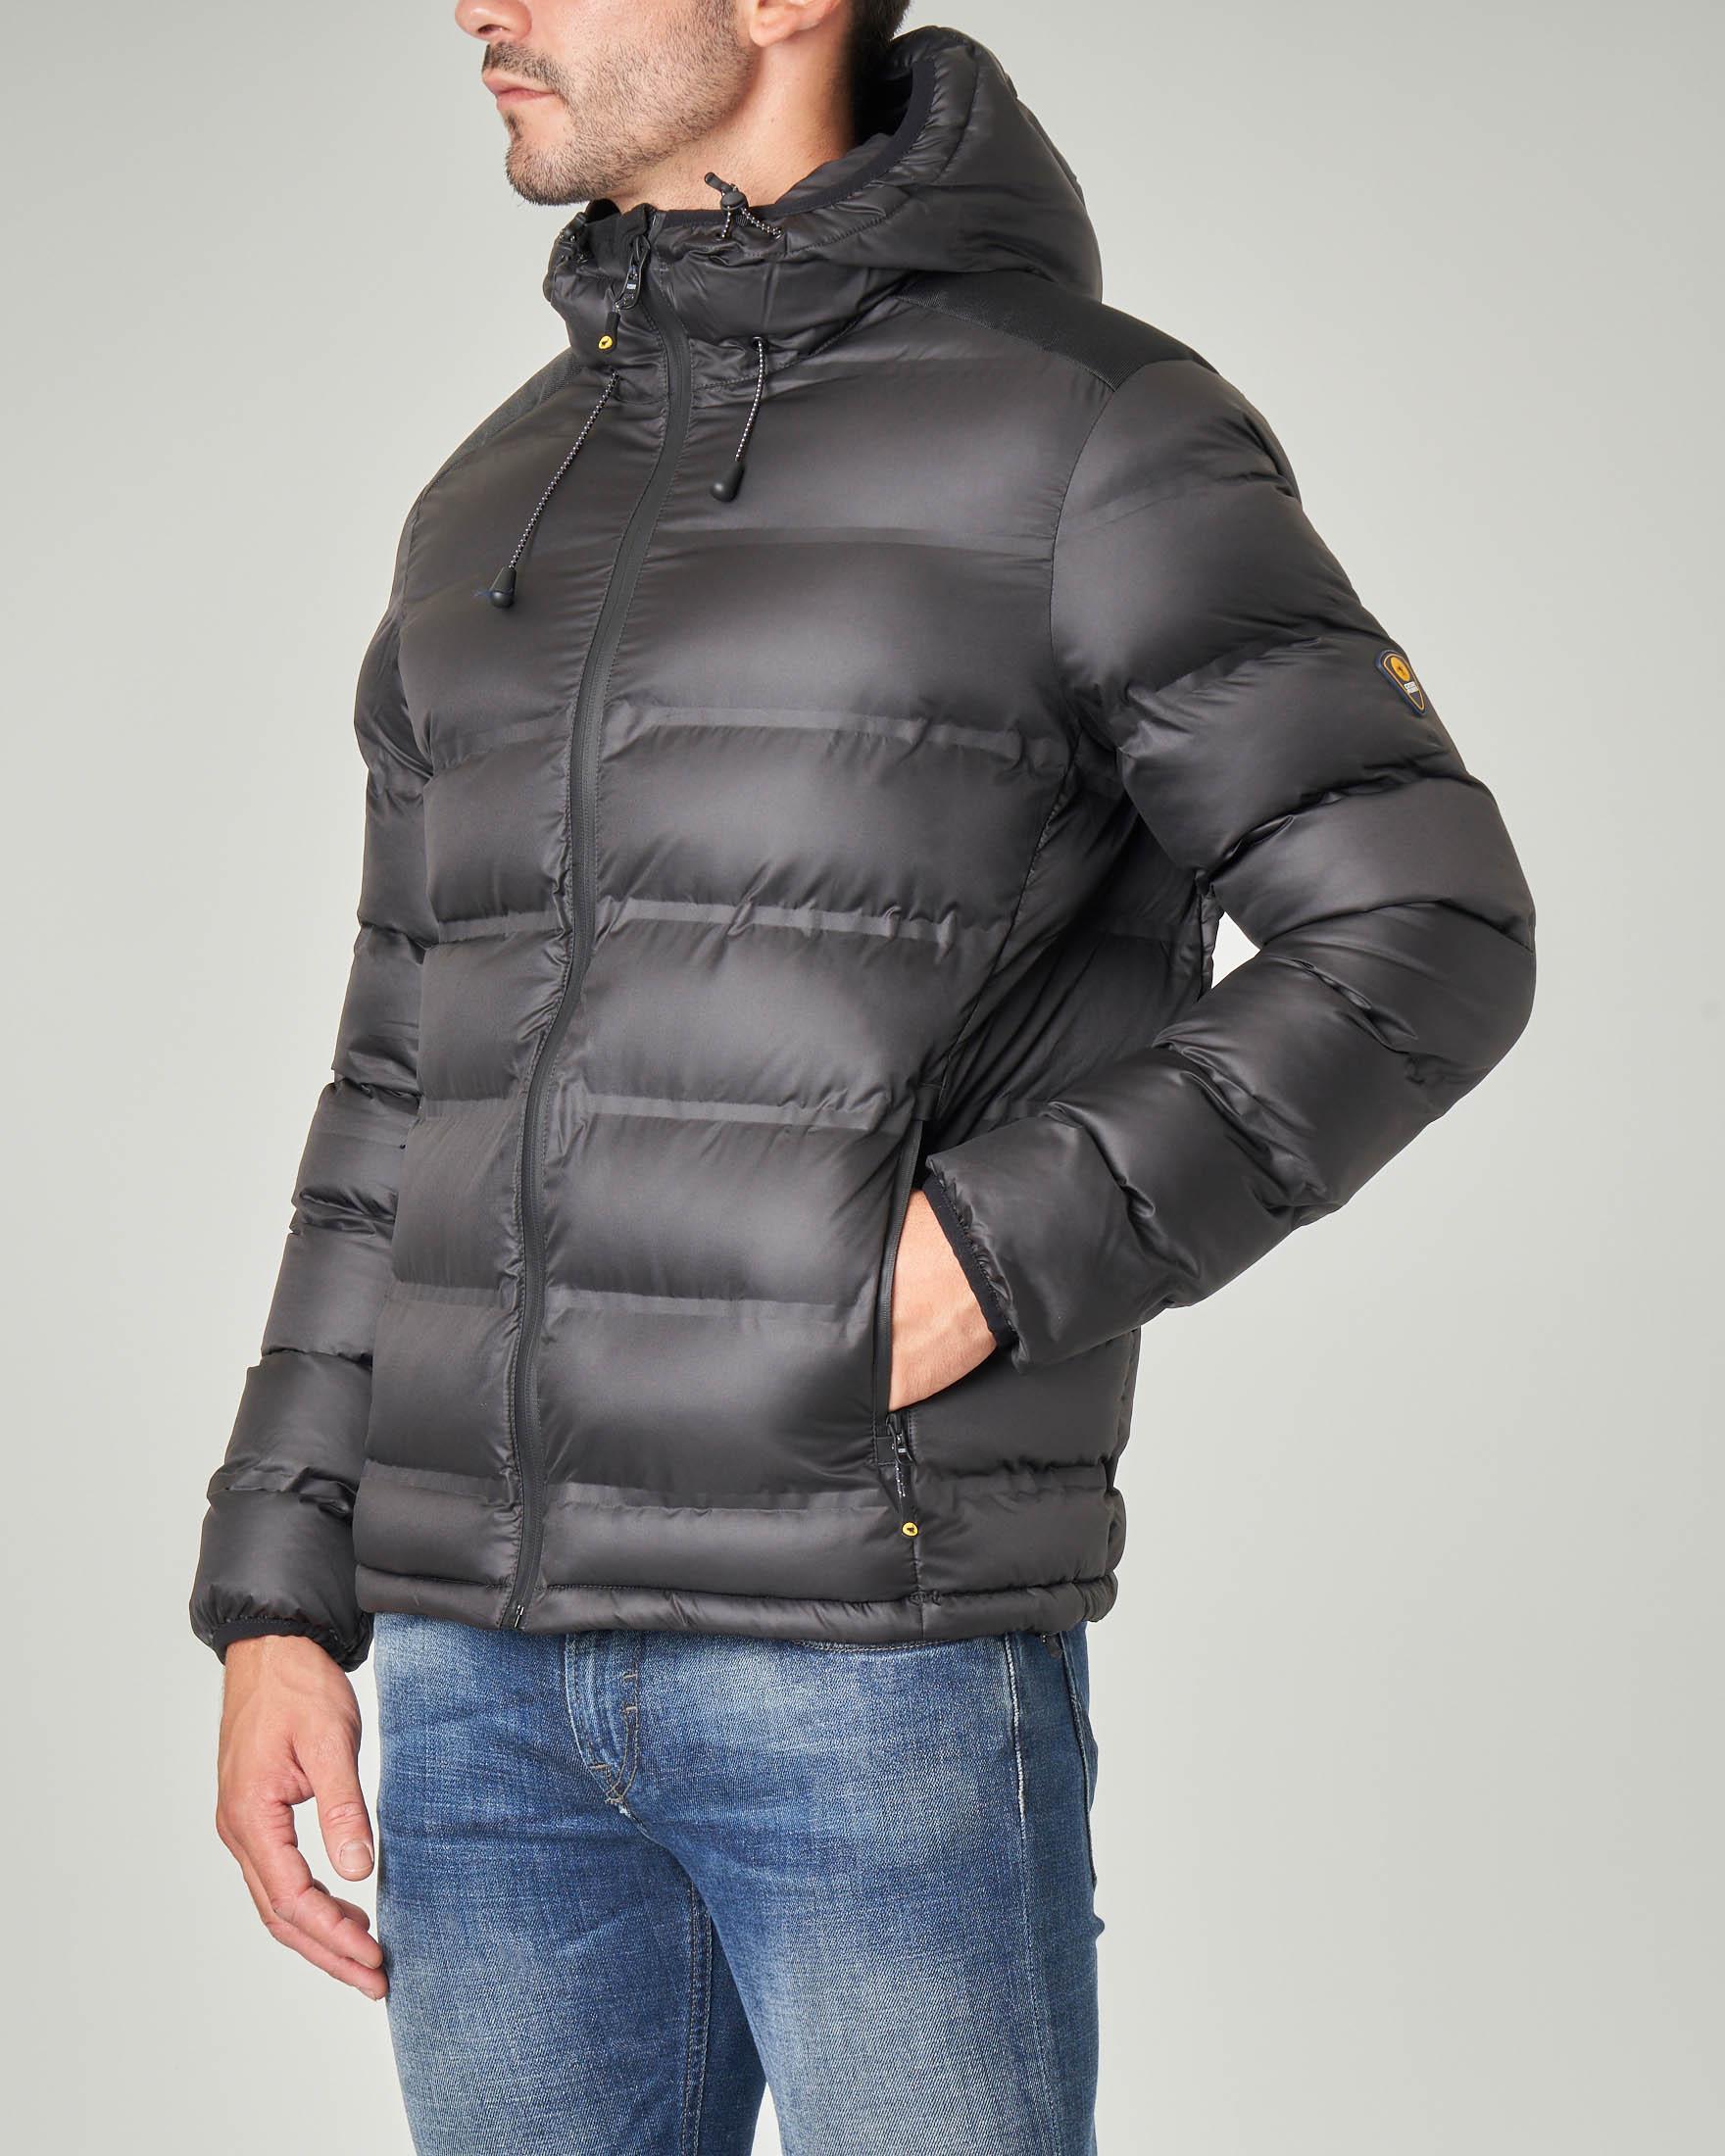 Piumino nero con cappuccio e inserto sulle spalle in cordura